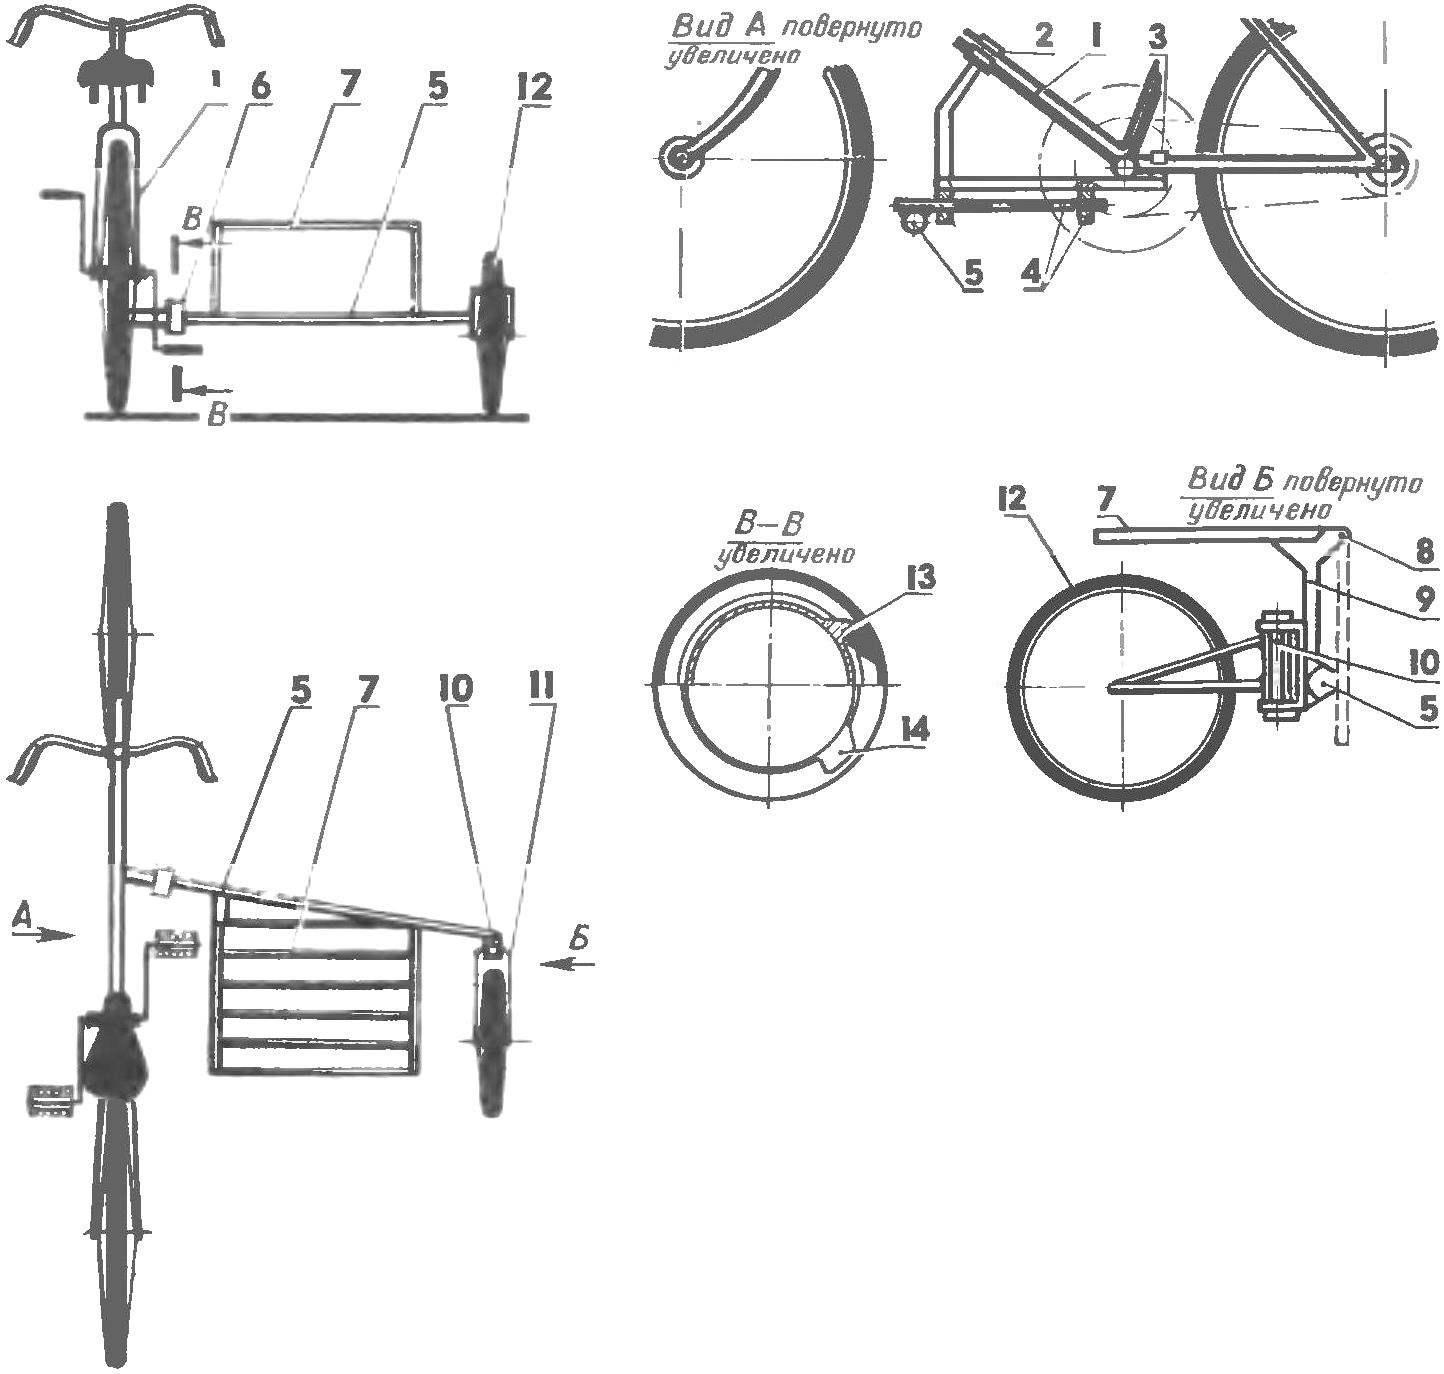 Схема бокового прицепа и его установки на велосипед